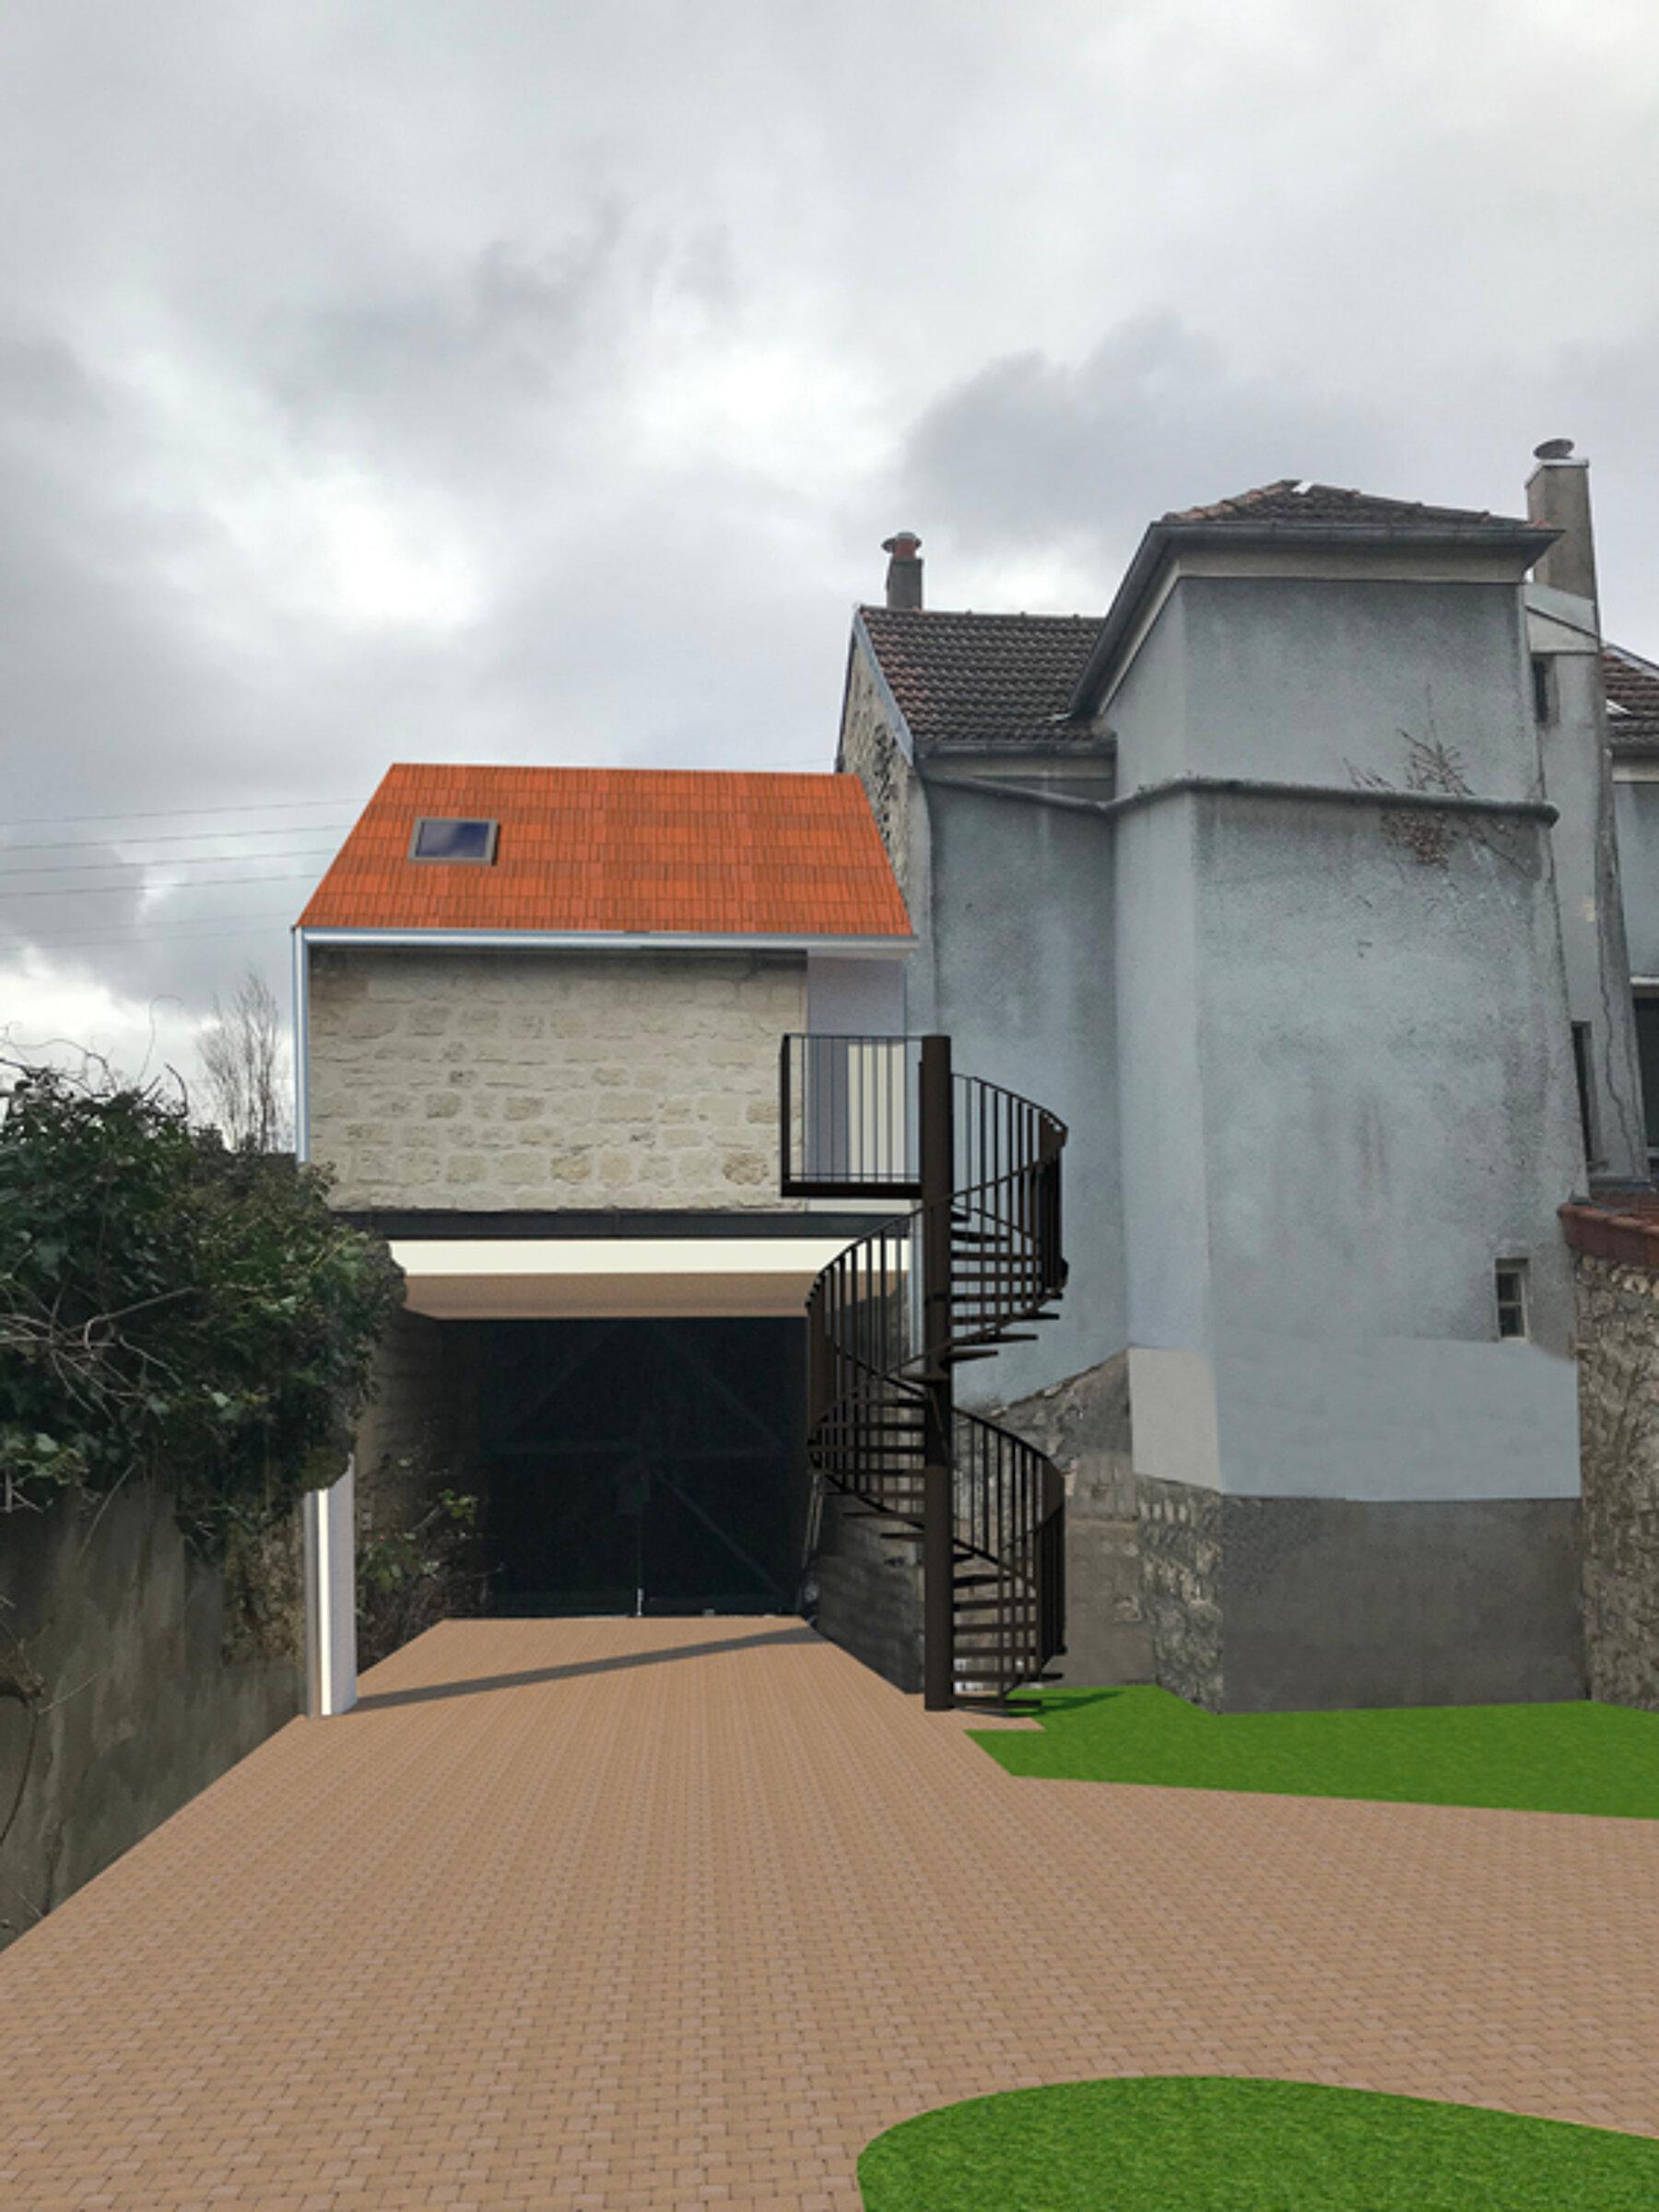 Restructuration d'une grange en habitation , création d'une lucarne de toiture , esclaier extérieur et rénovation intérieure complète